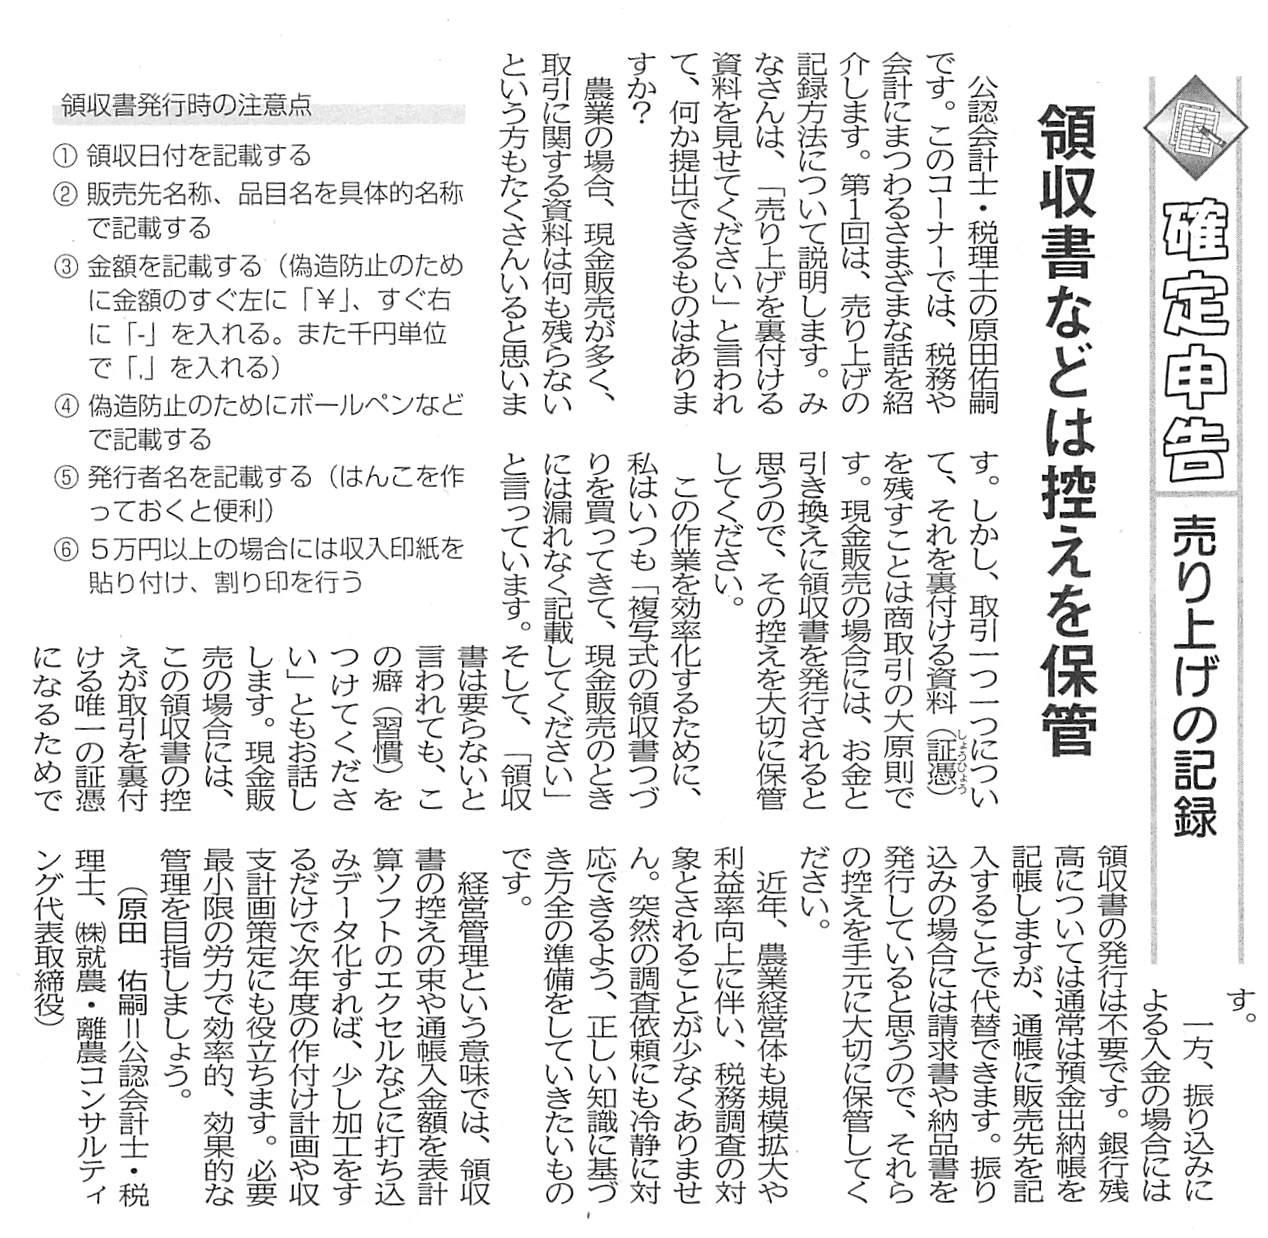 平成28年4月6日記事